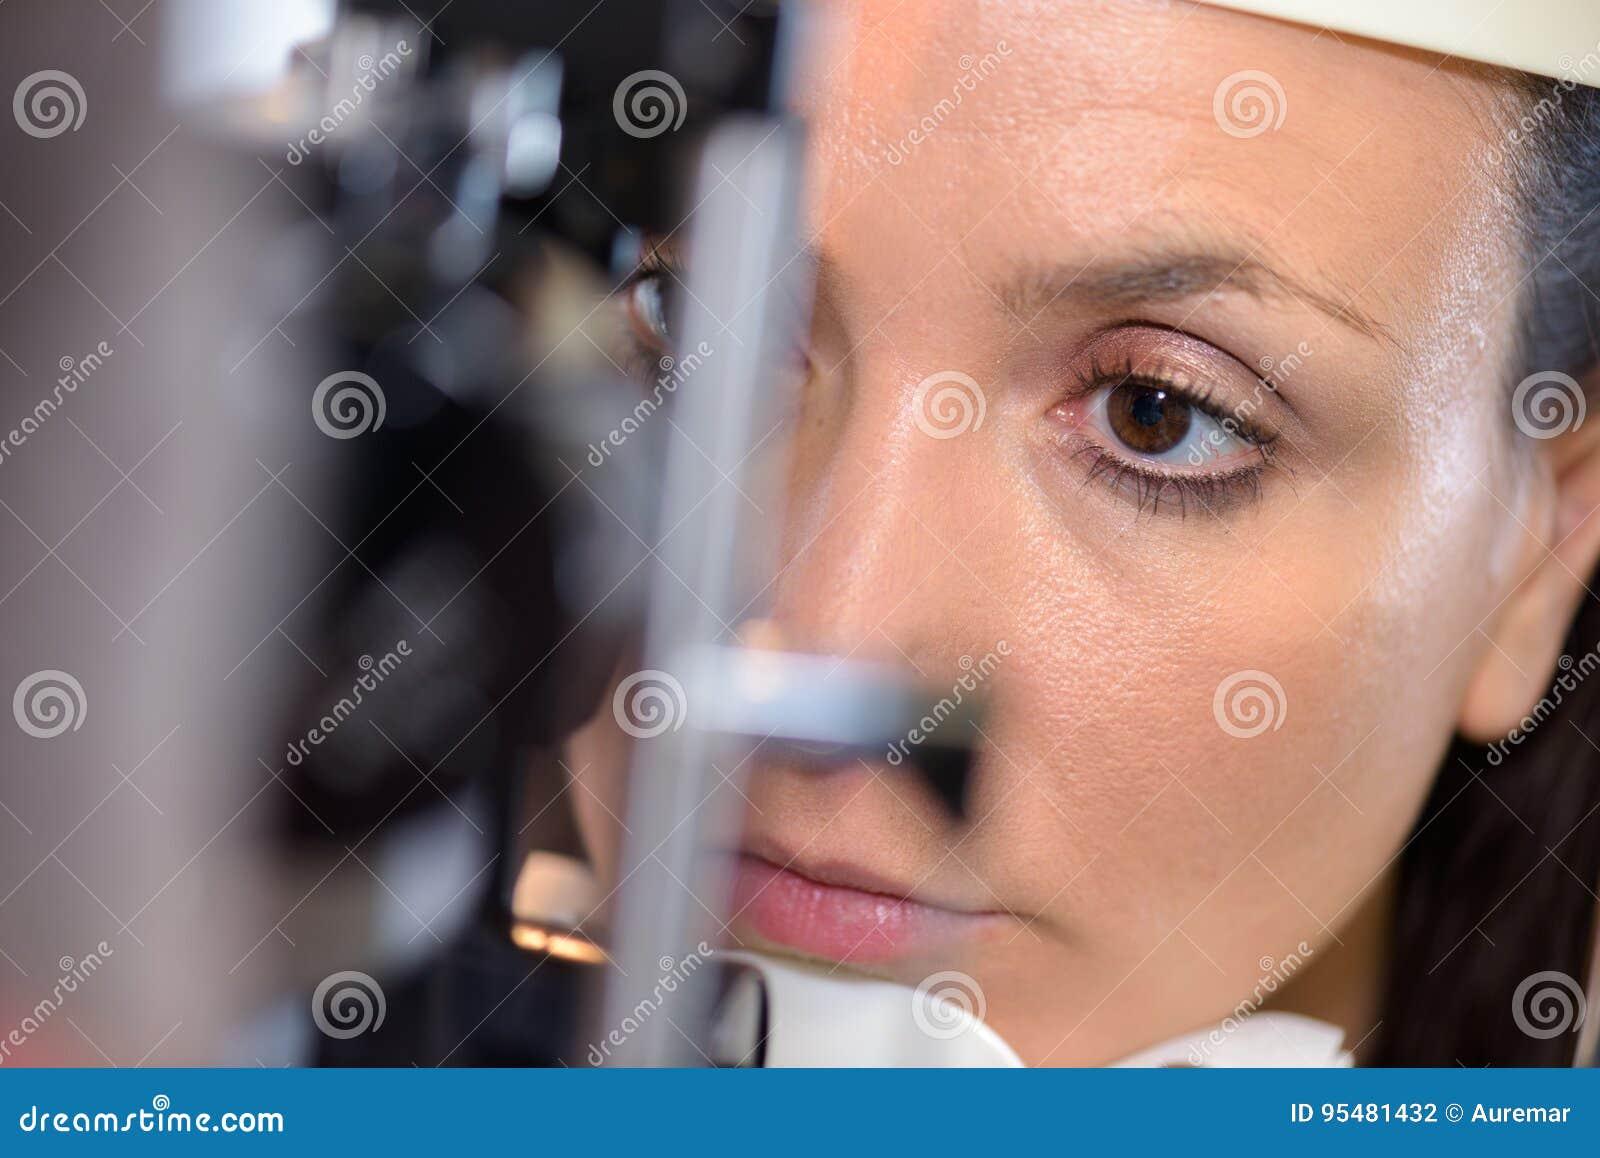 Zakończenia phoropter na młodym żeńskim pacjencie